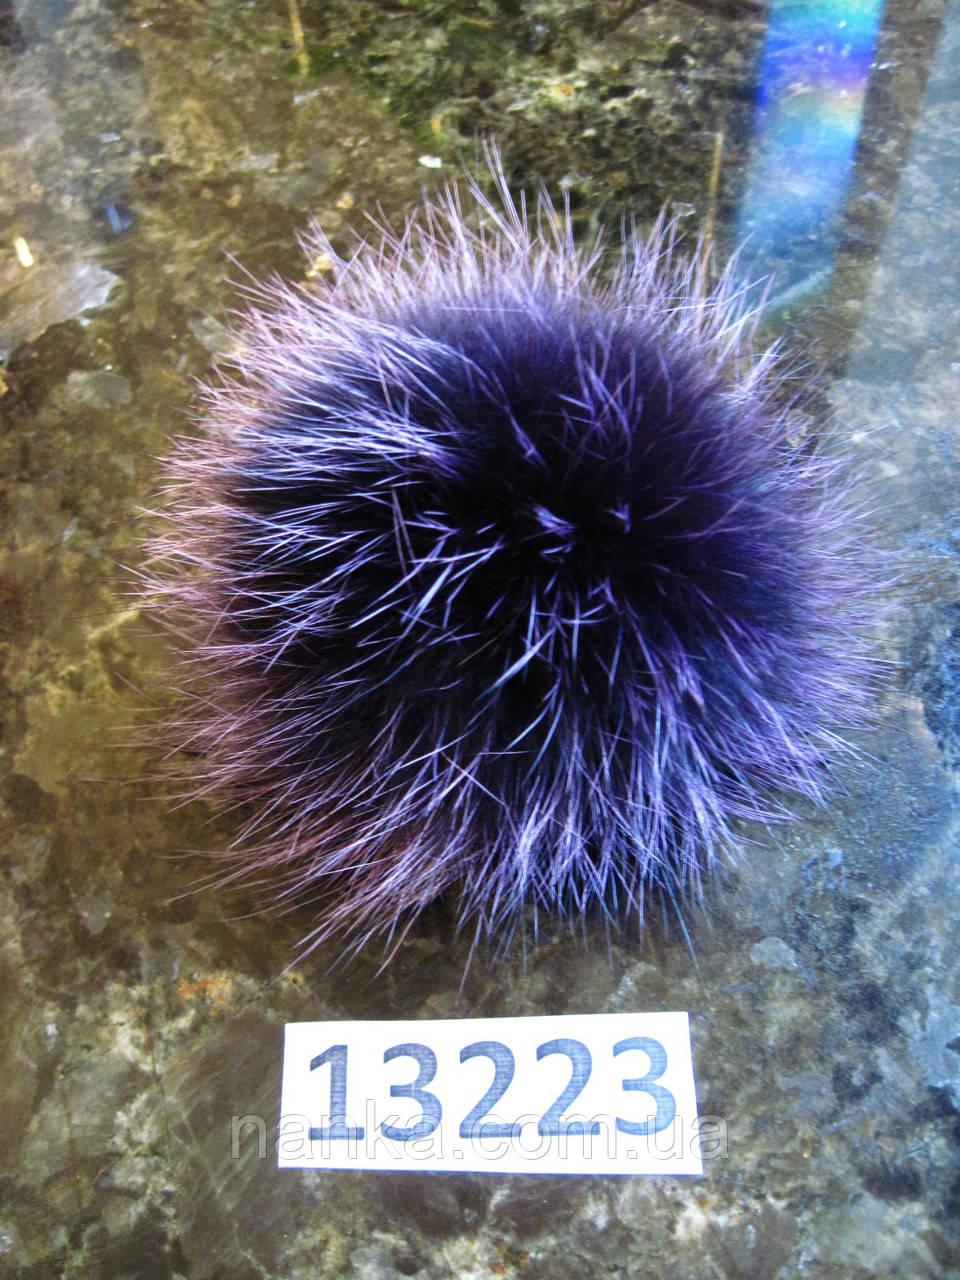 Меховой помпон Чернобурка, Фиолет, 11 см, 13223